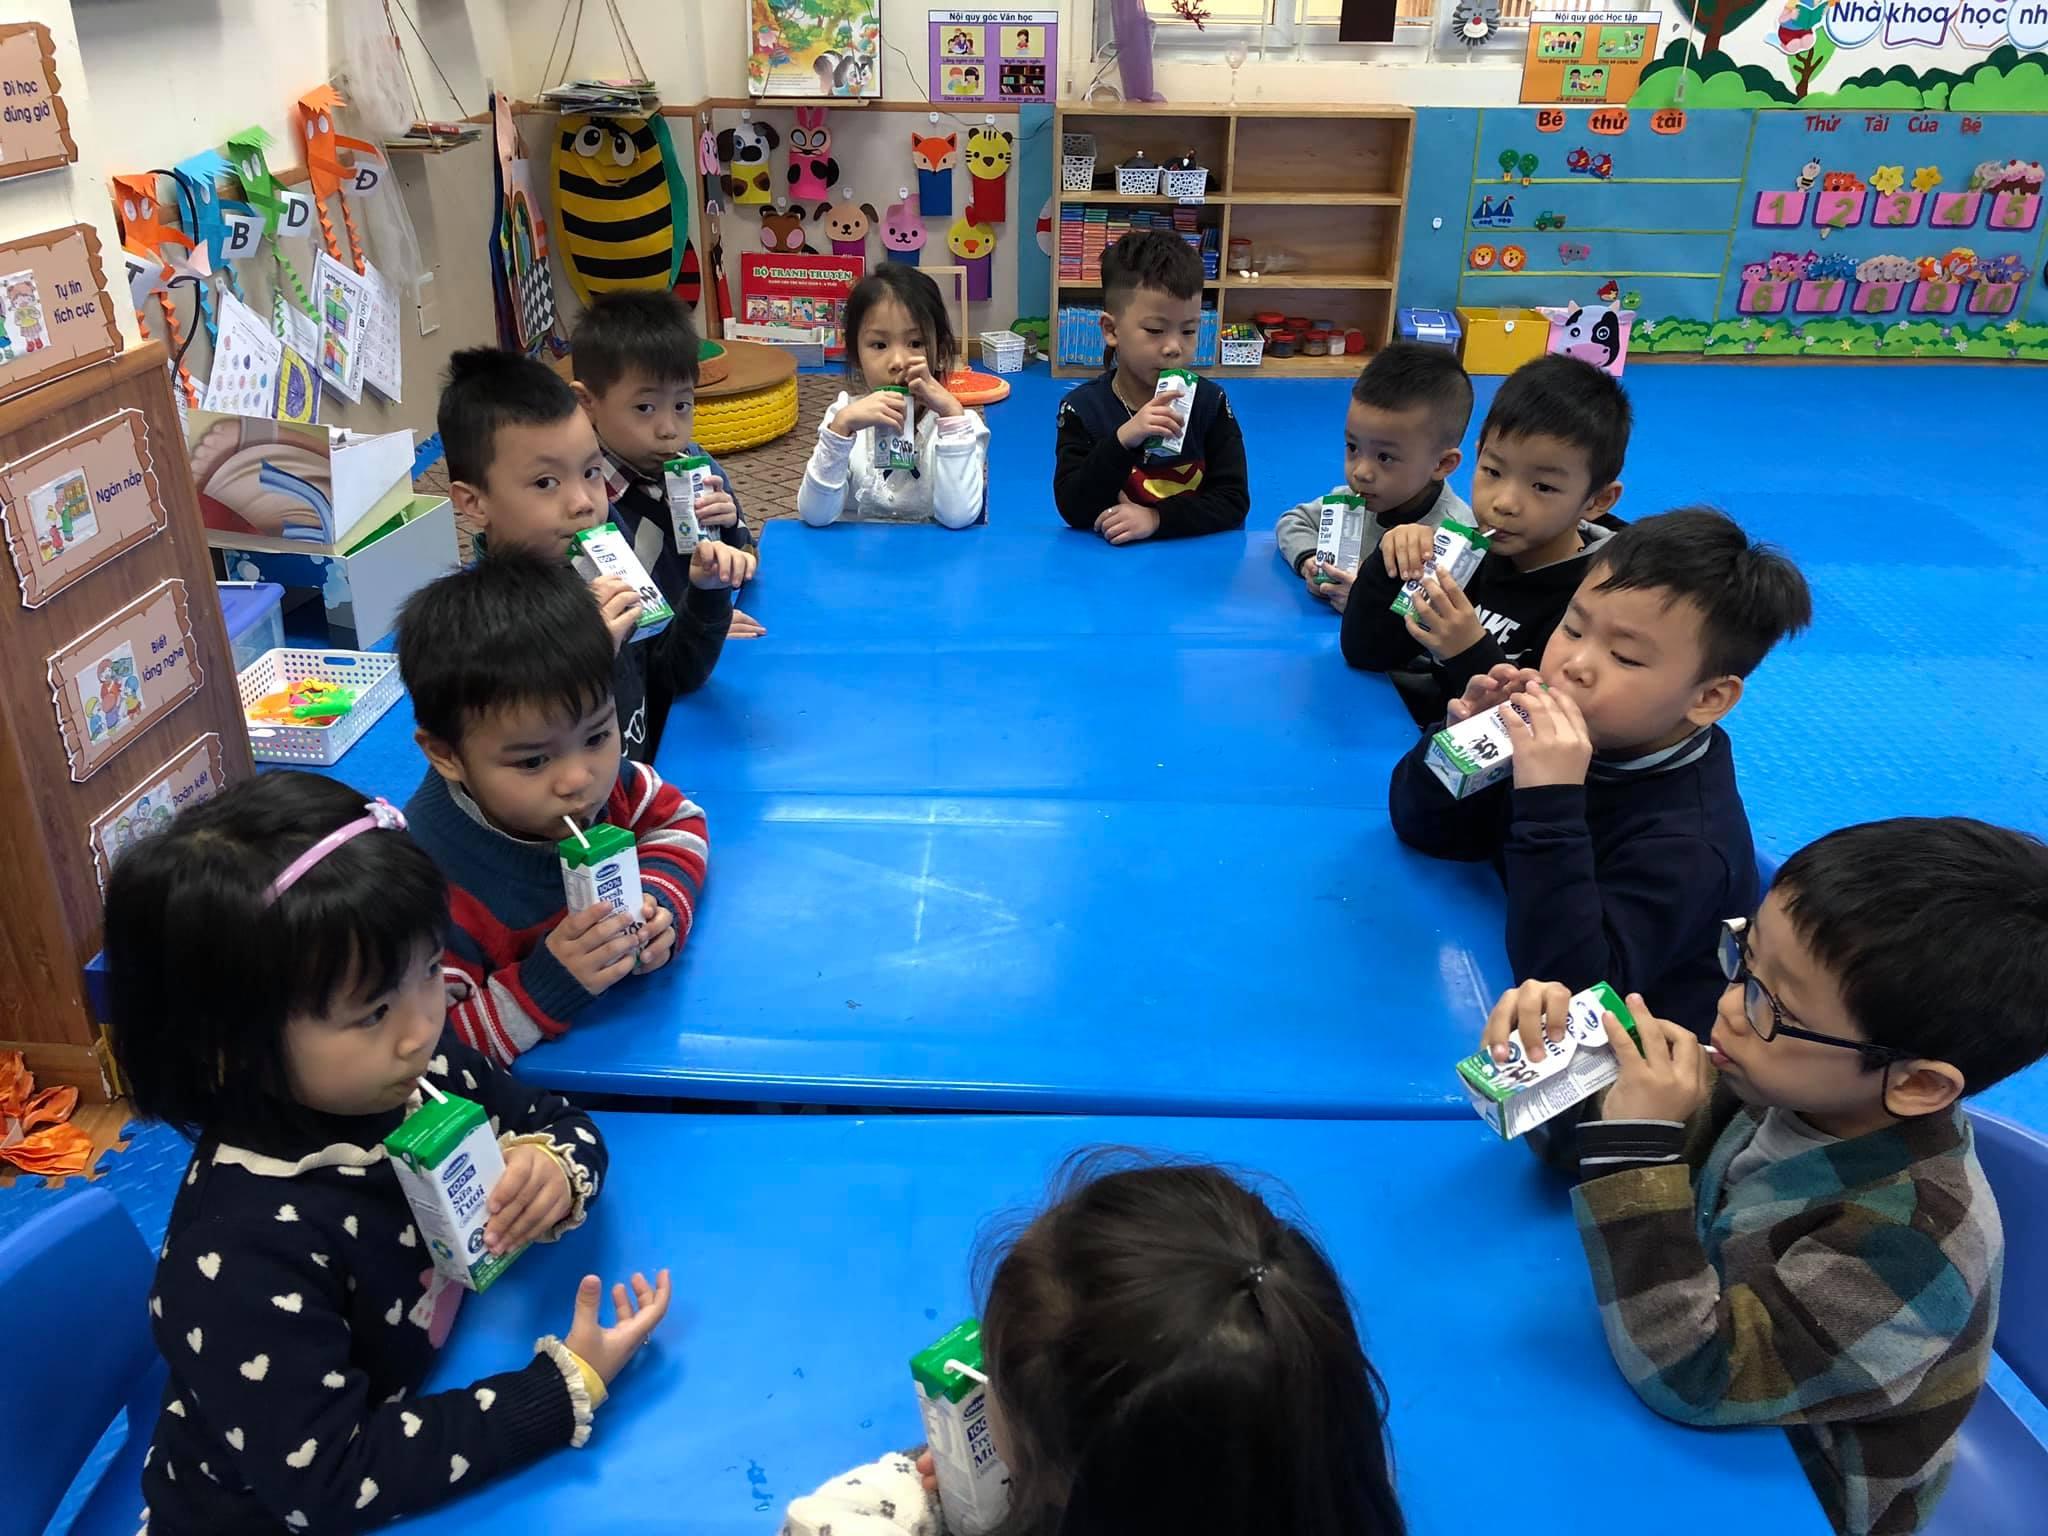 Trường mầm non Bình Minh - Hàng Bông